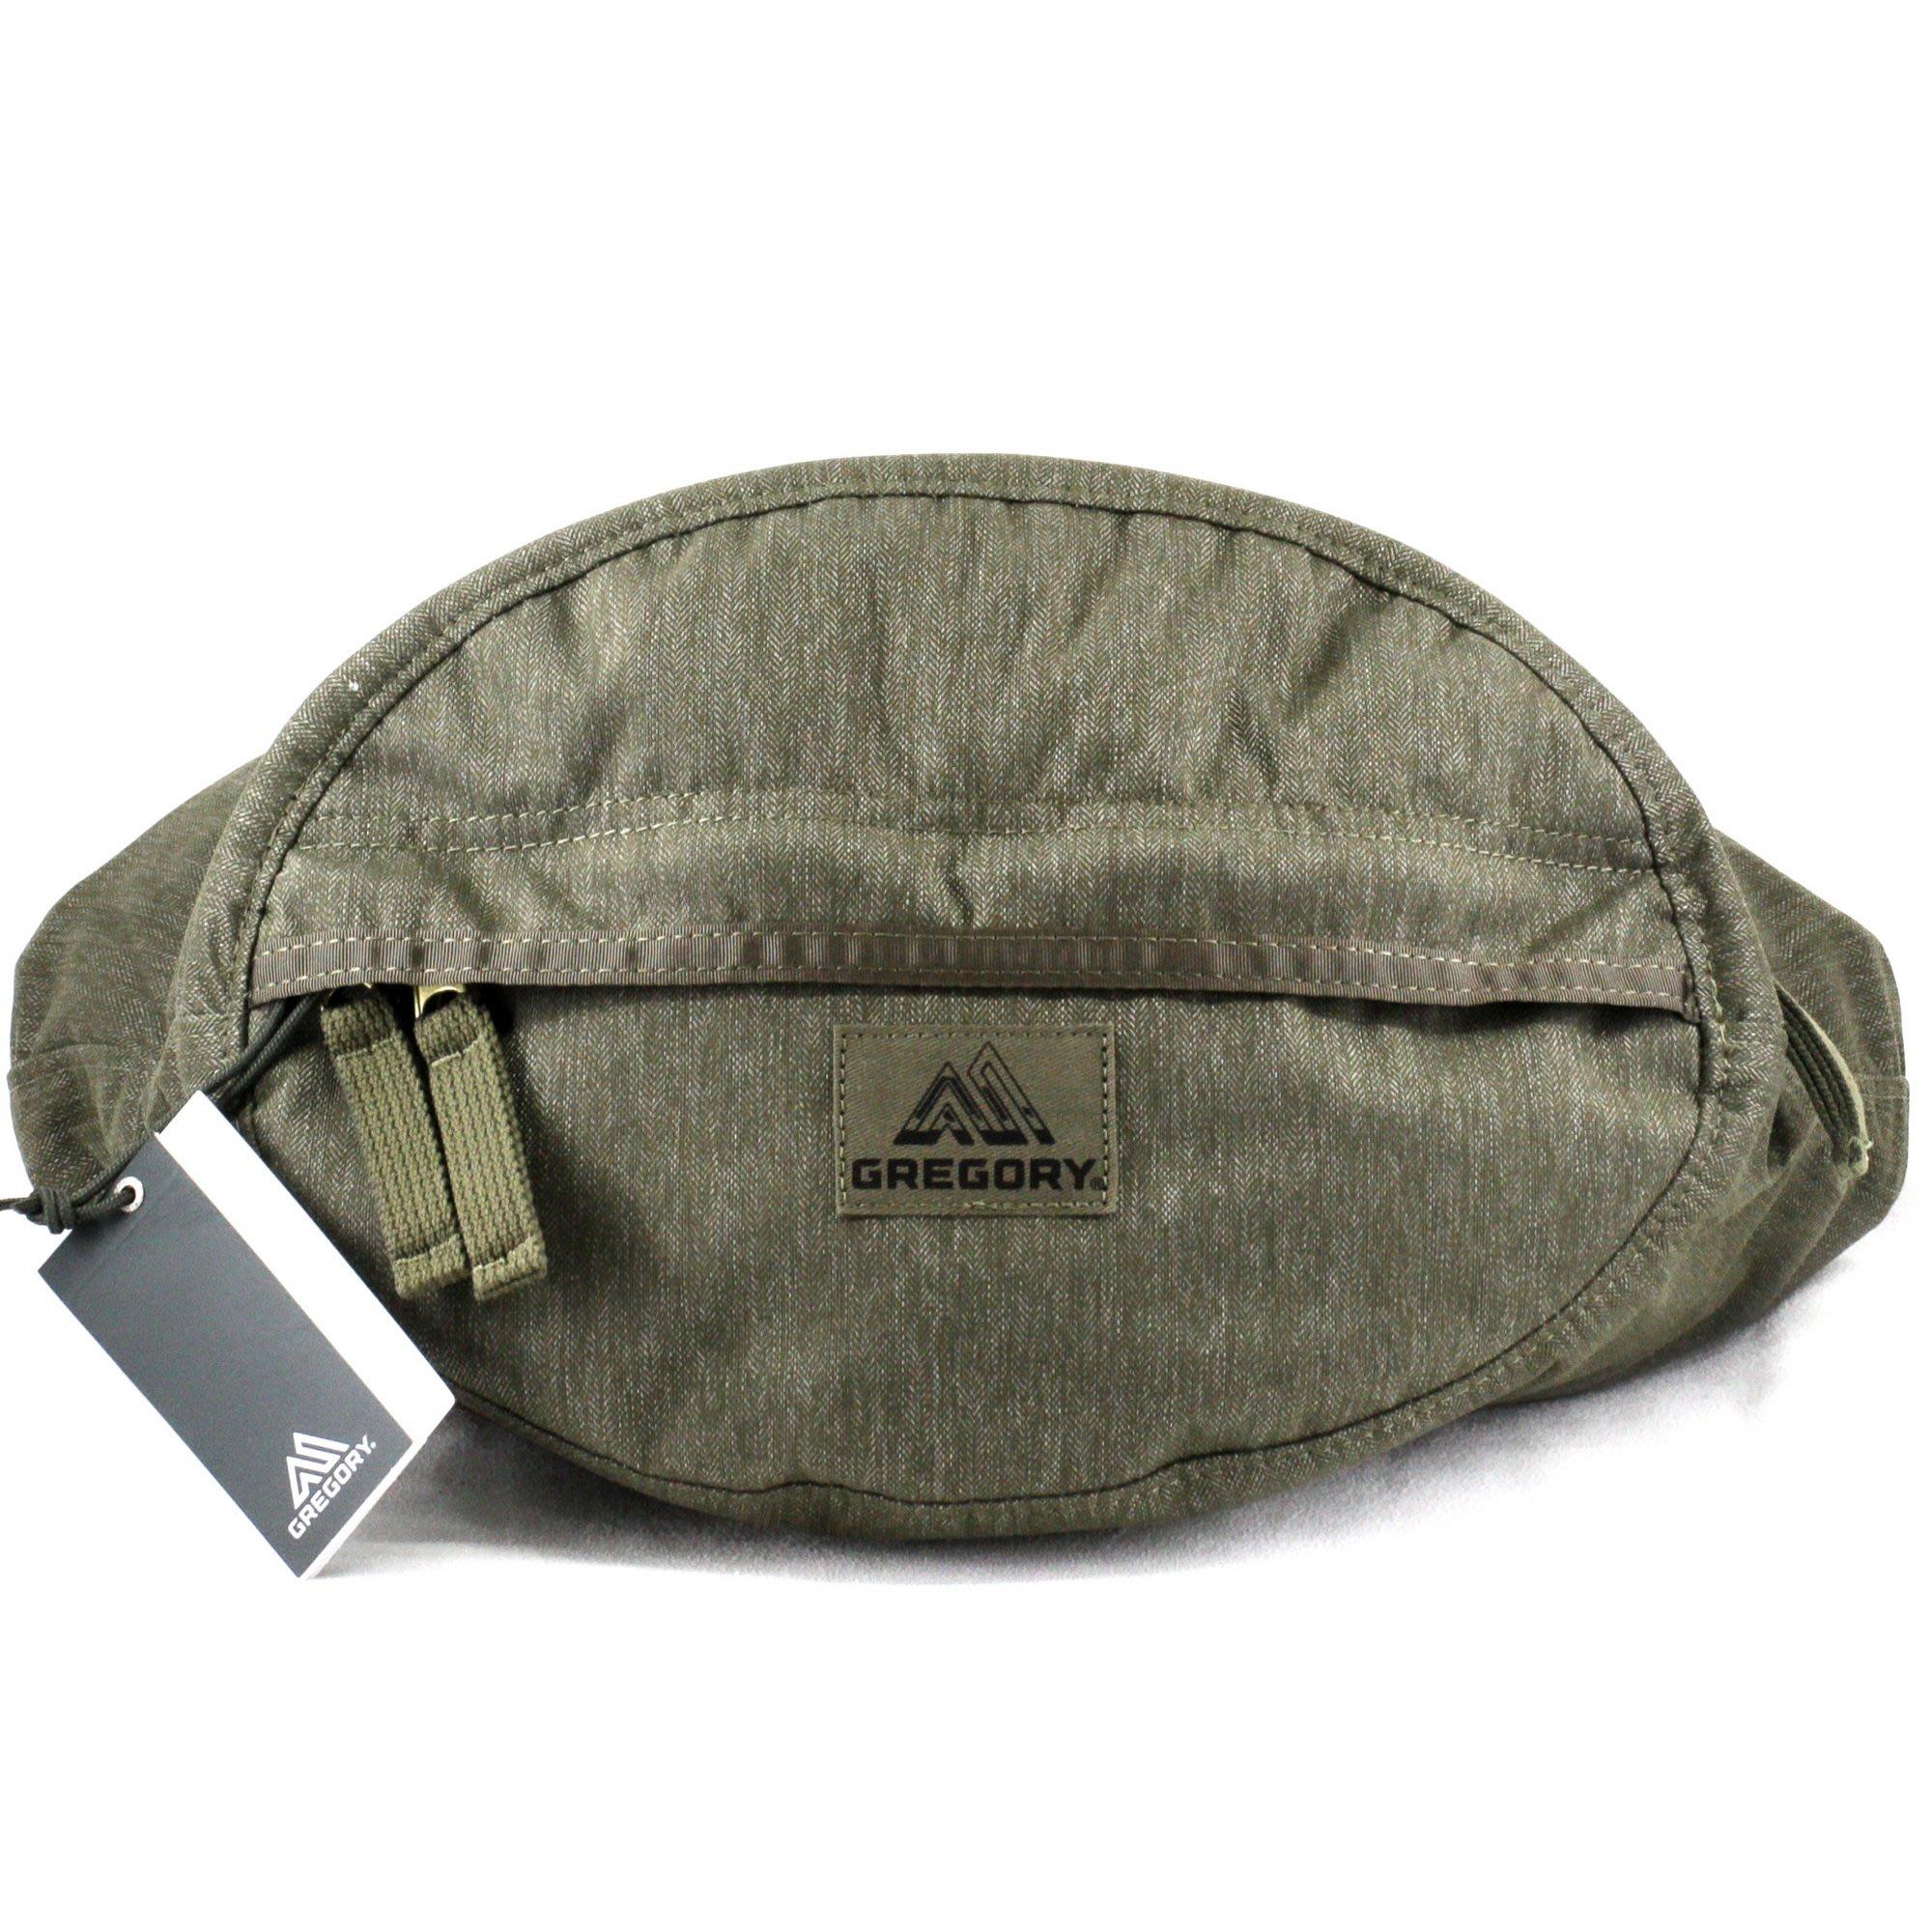 現貨 可自取 GREGORY TAILMATE 8L 橄欖綠 斜背包 休閒包 腰包 戶外包 119652-7593